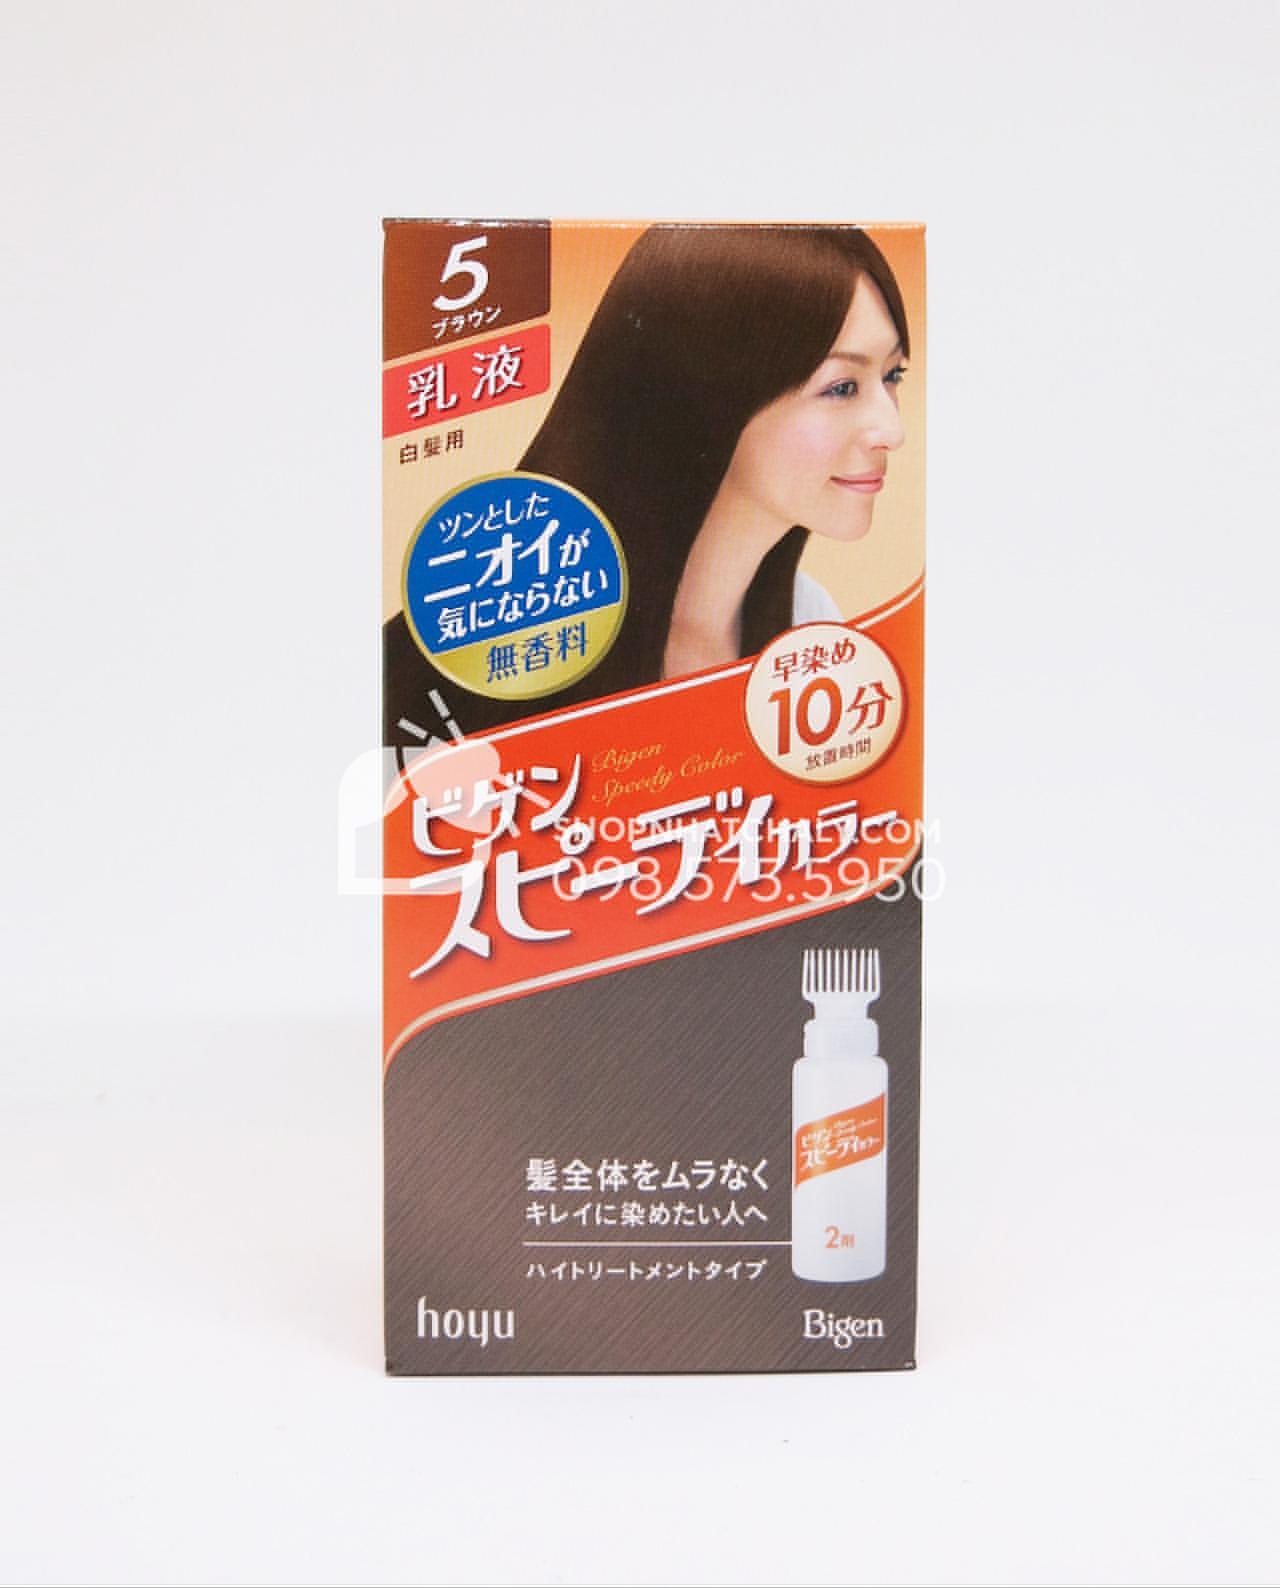 Thuốc nhuộm tóc Bigen Speedy nâu hạt dẻ tự nhiên 5G